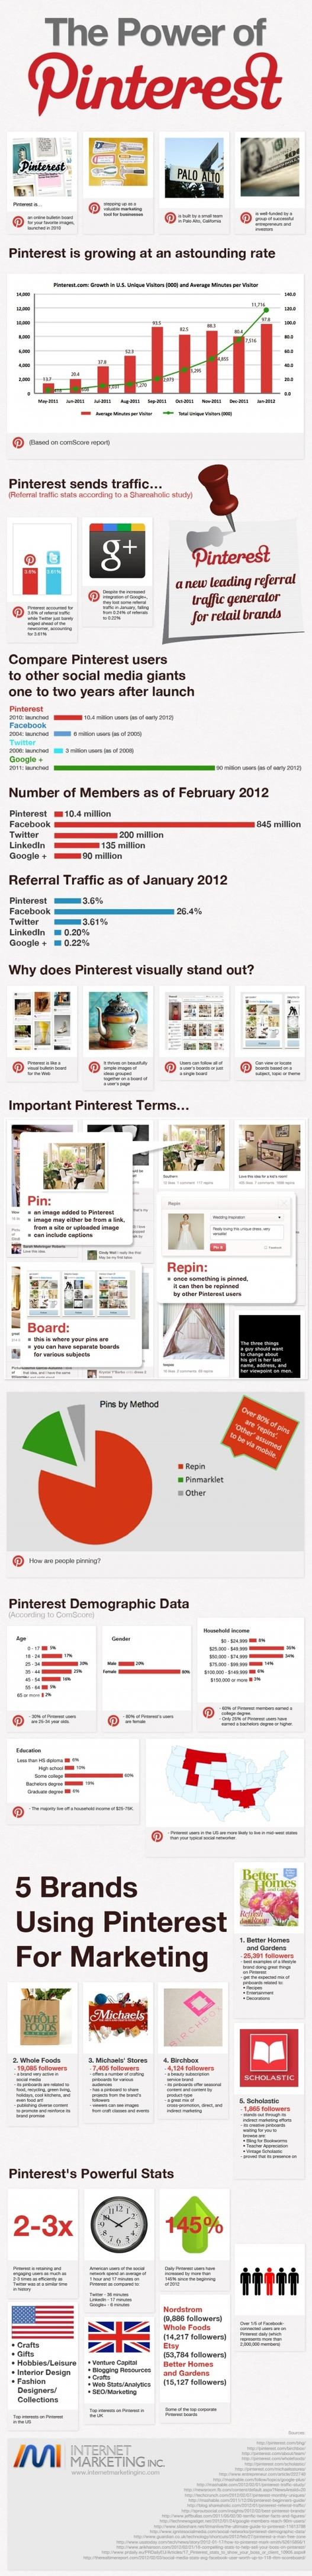 Pinterest - Tout savoir en 1 image